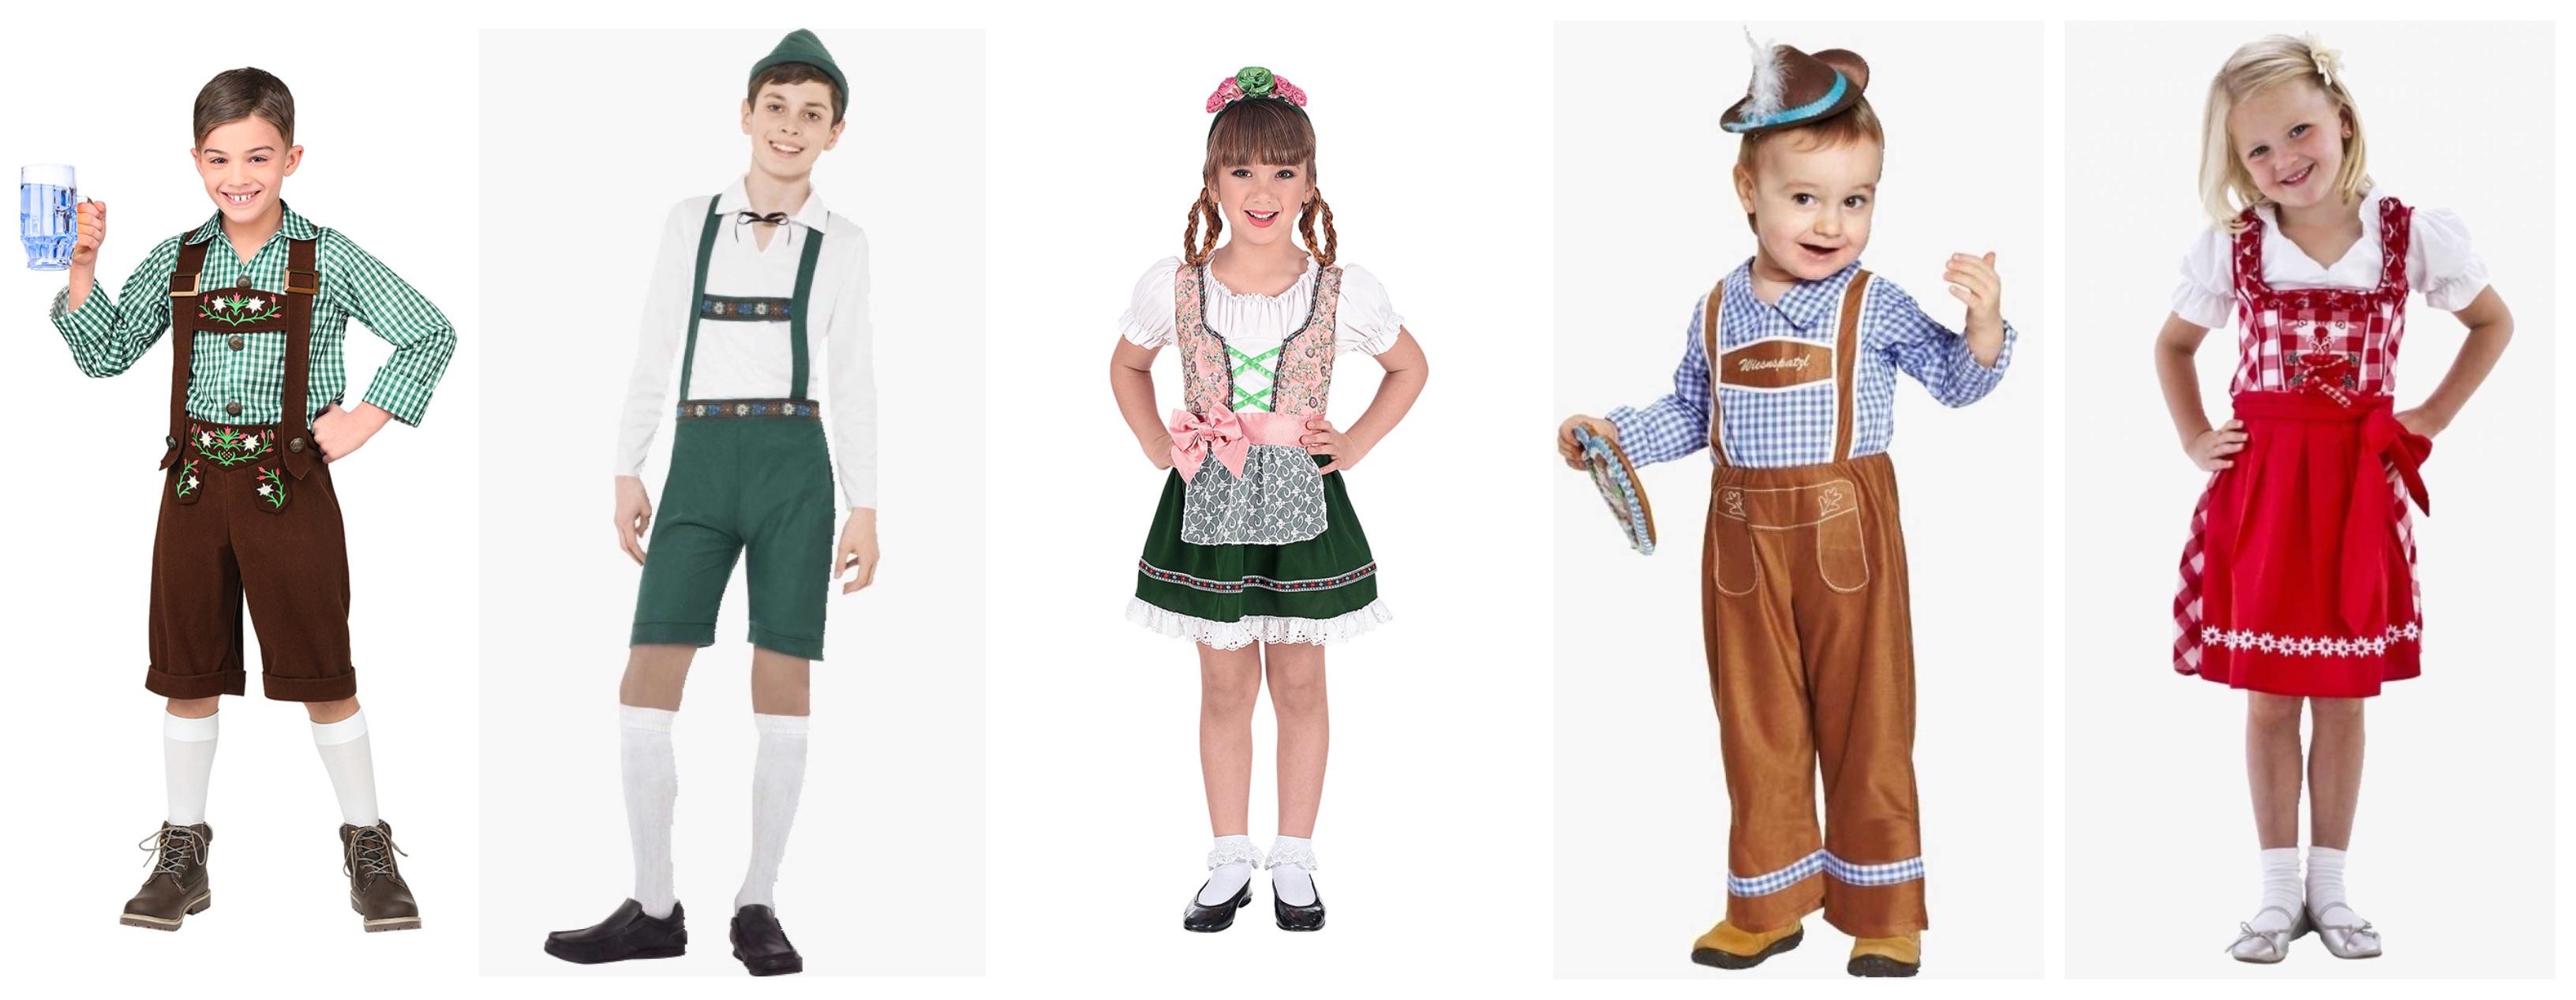 oktoberfest kostume til børn - Oktoberfest kostume til børn og baby